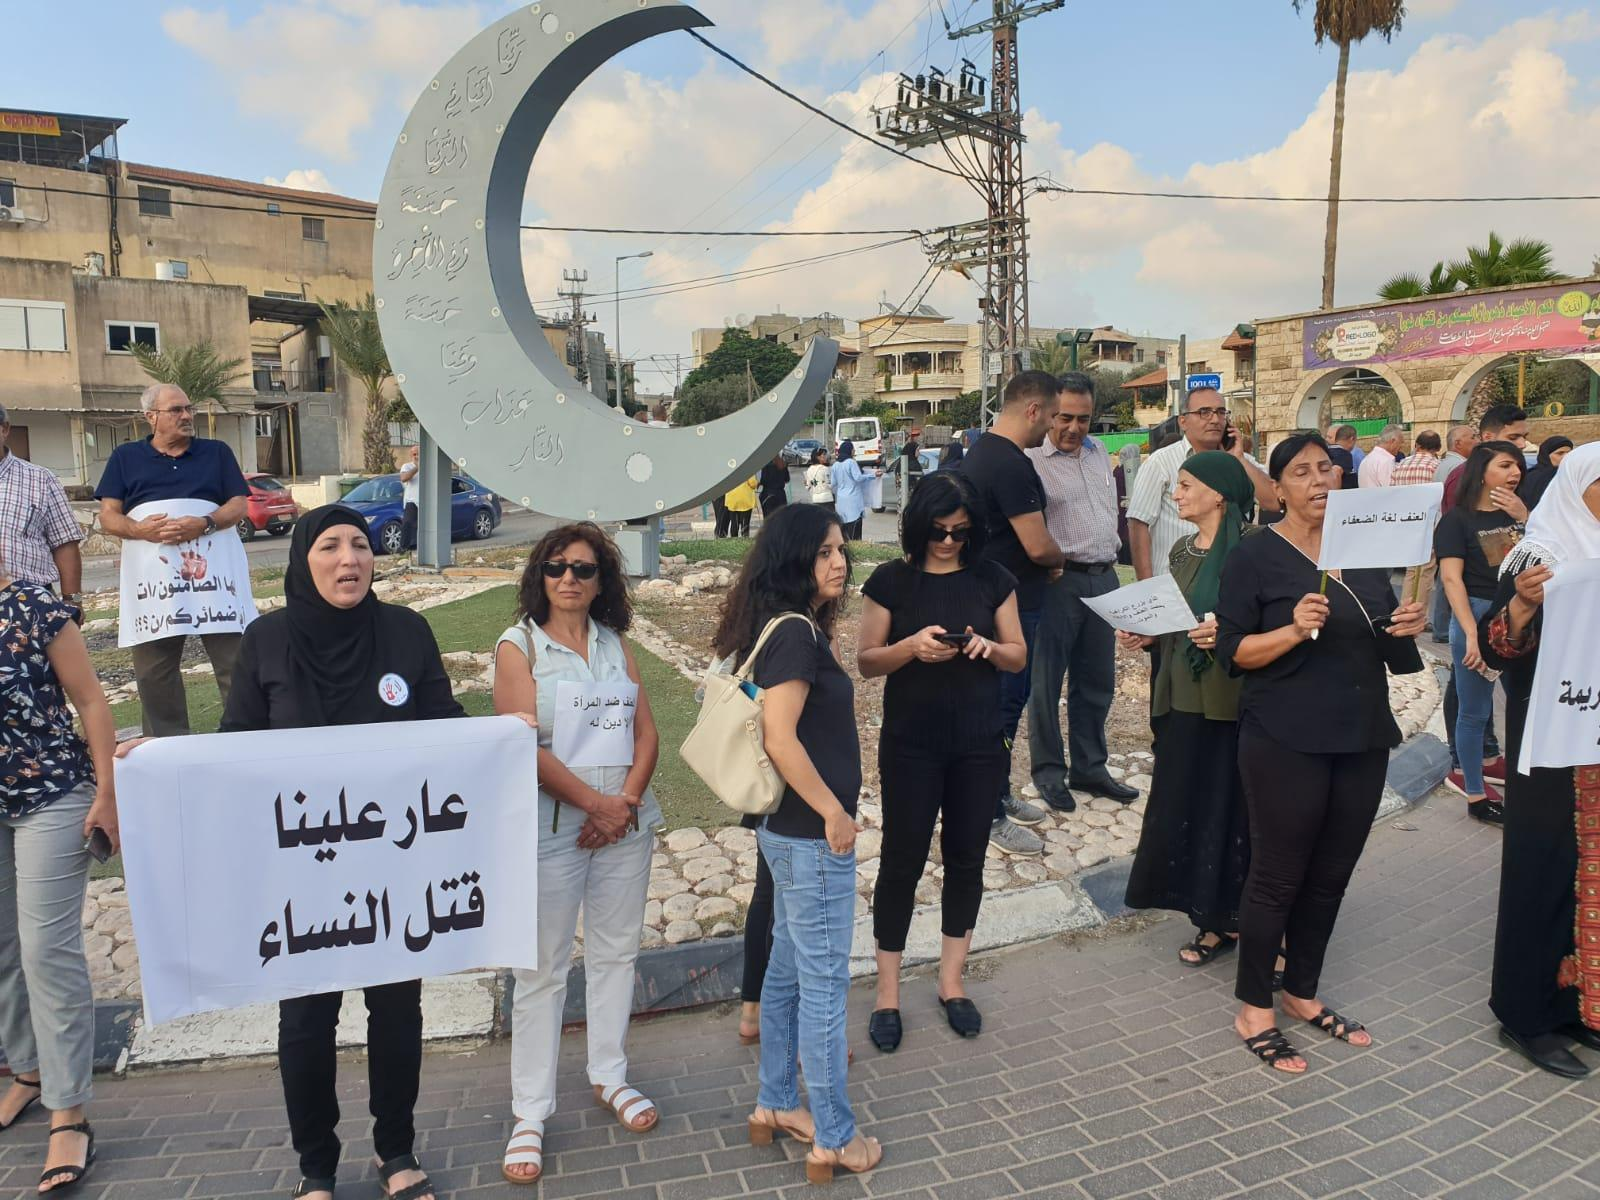 جديدة المكر: تشييع جثمان ضحية جريمة القتل ووقفة احتجاجيّة